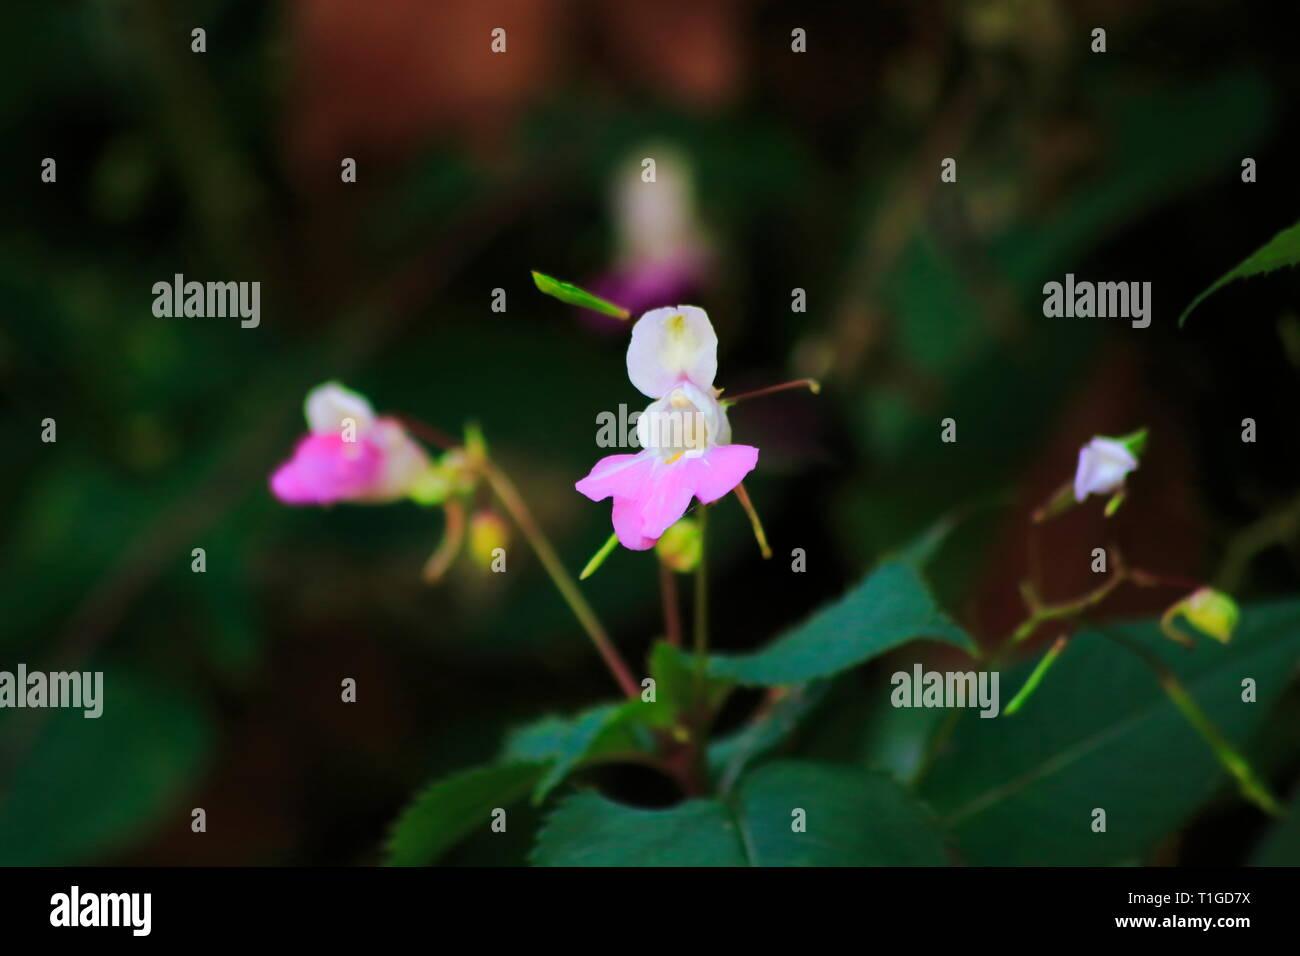 rosa, lila farbenes Springkraut mit unscharfem dunklen Hintergrund Stock Photo